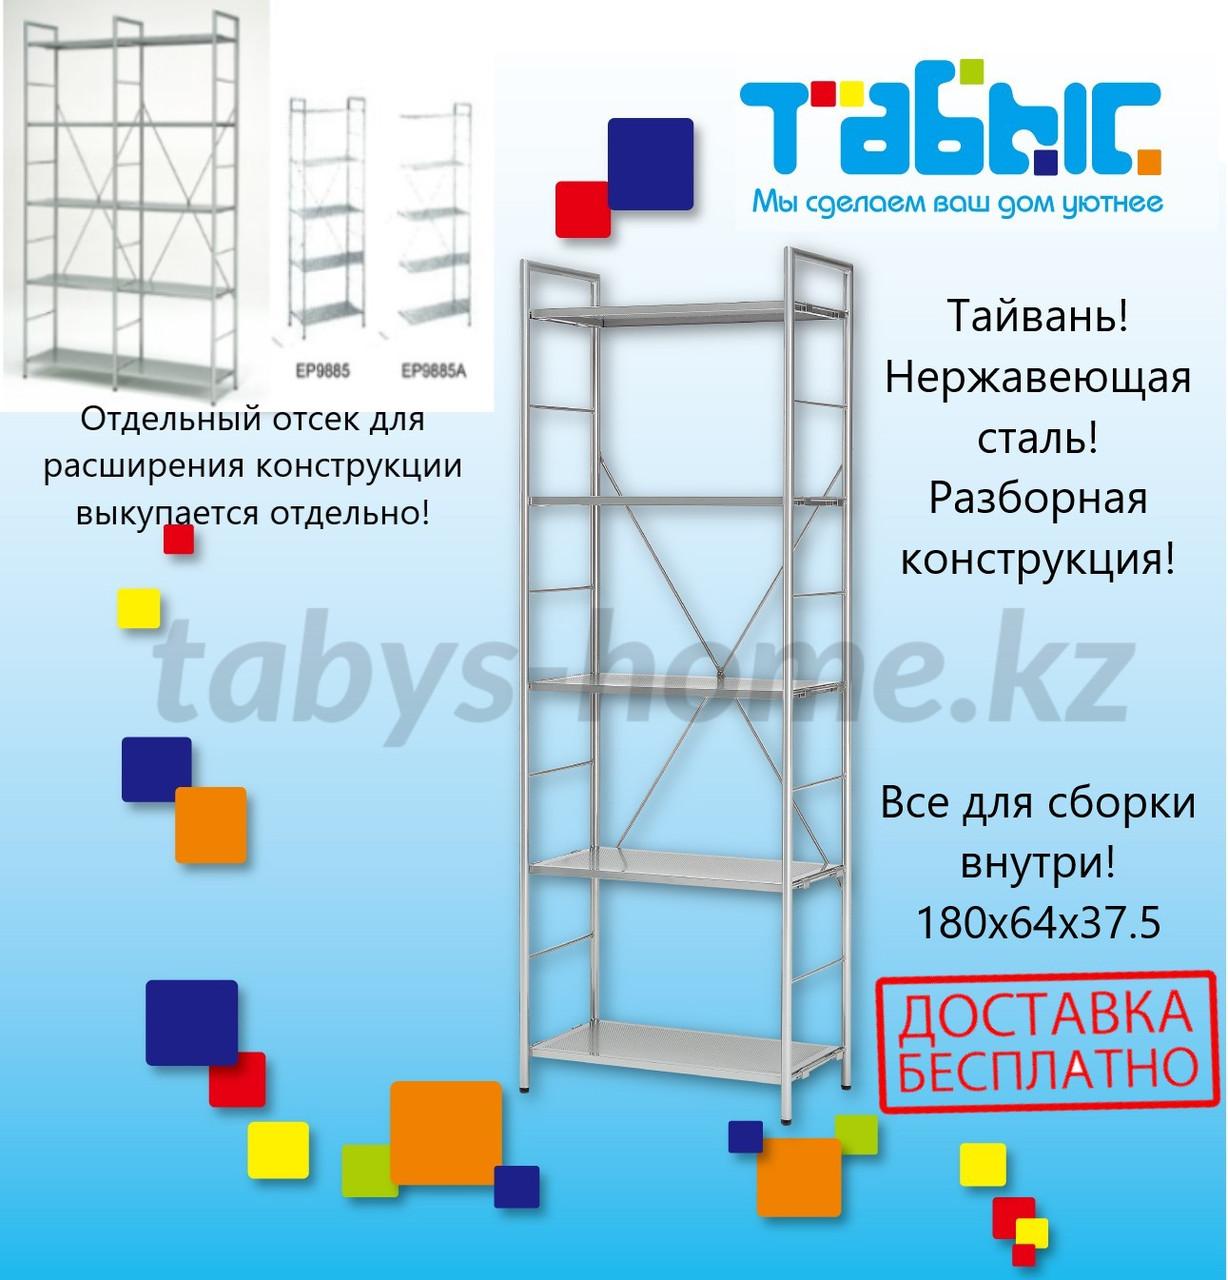 """Стеллаж для торговли """"Табыс"""" ЕР 9885 из 5-и полок торговое оборудование"""